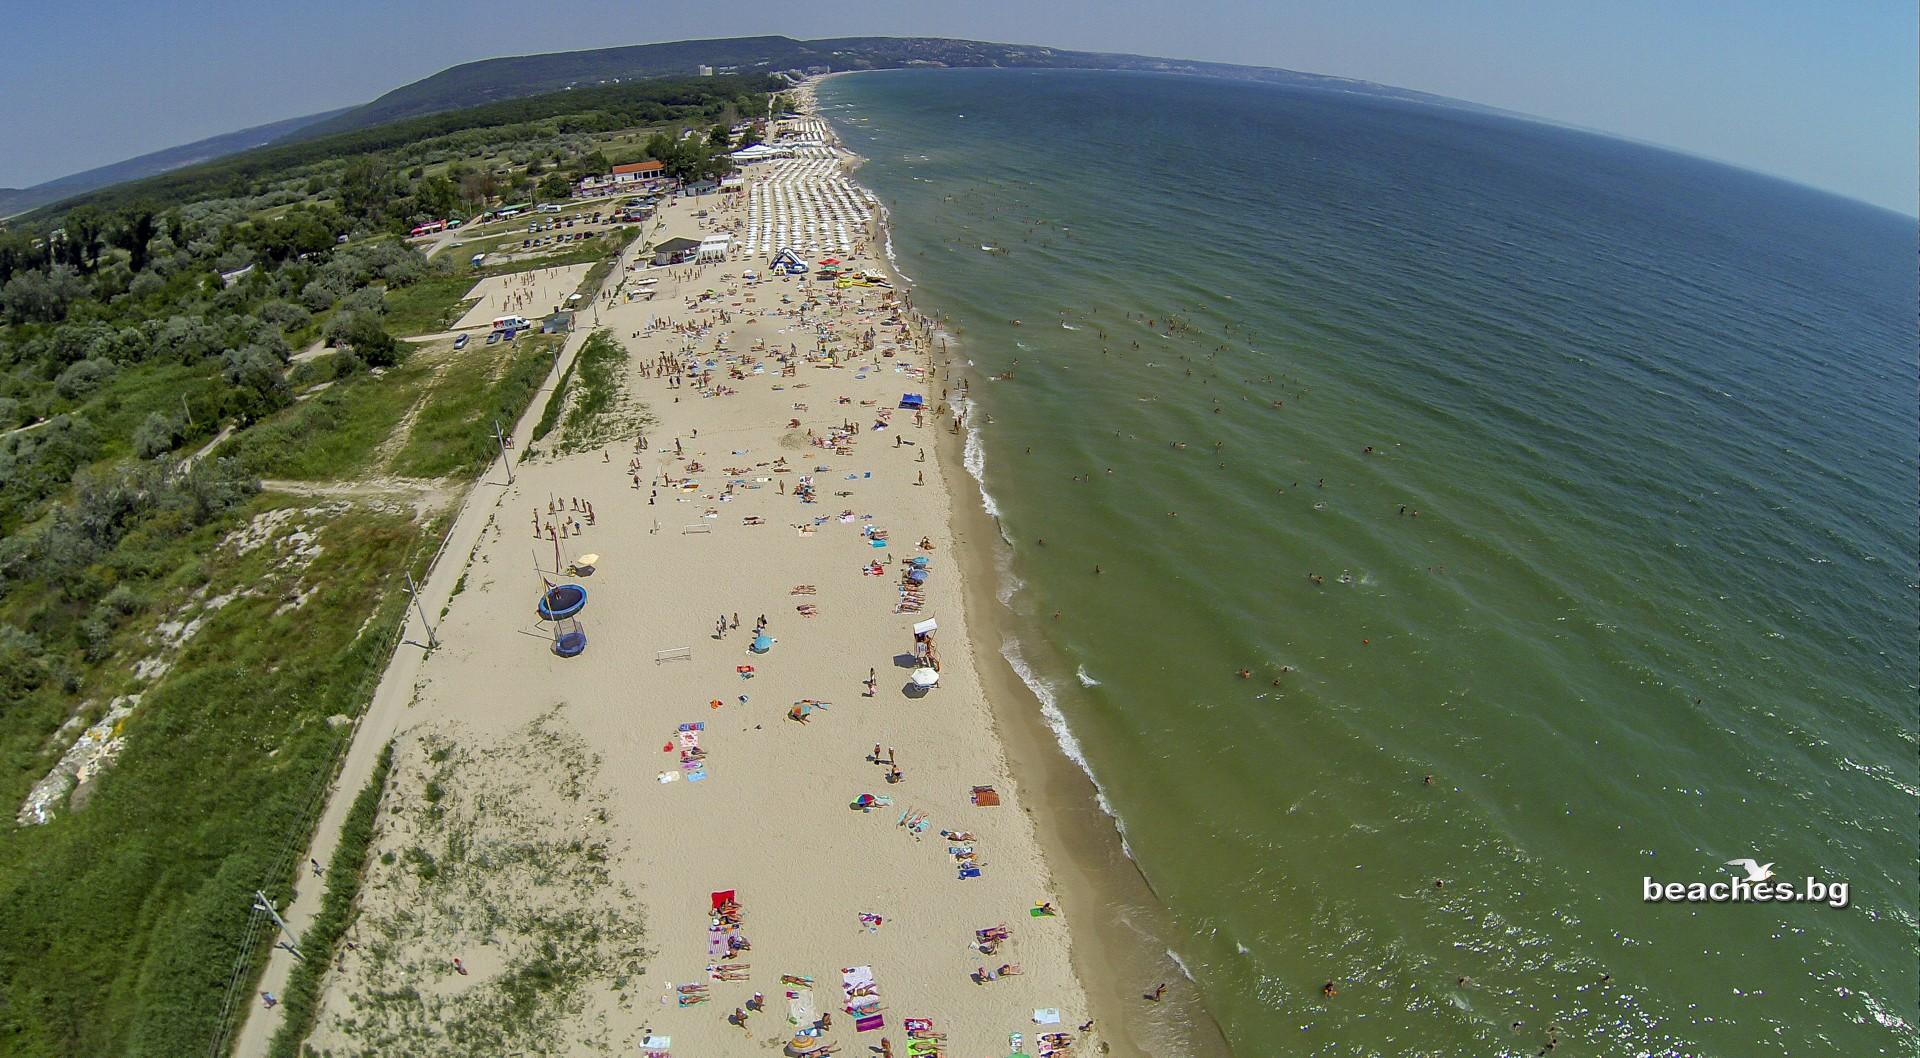 beaches.bg -Централен плаж Кранево България